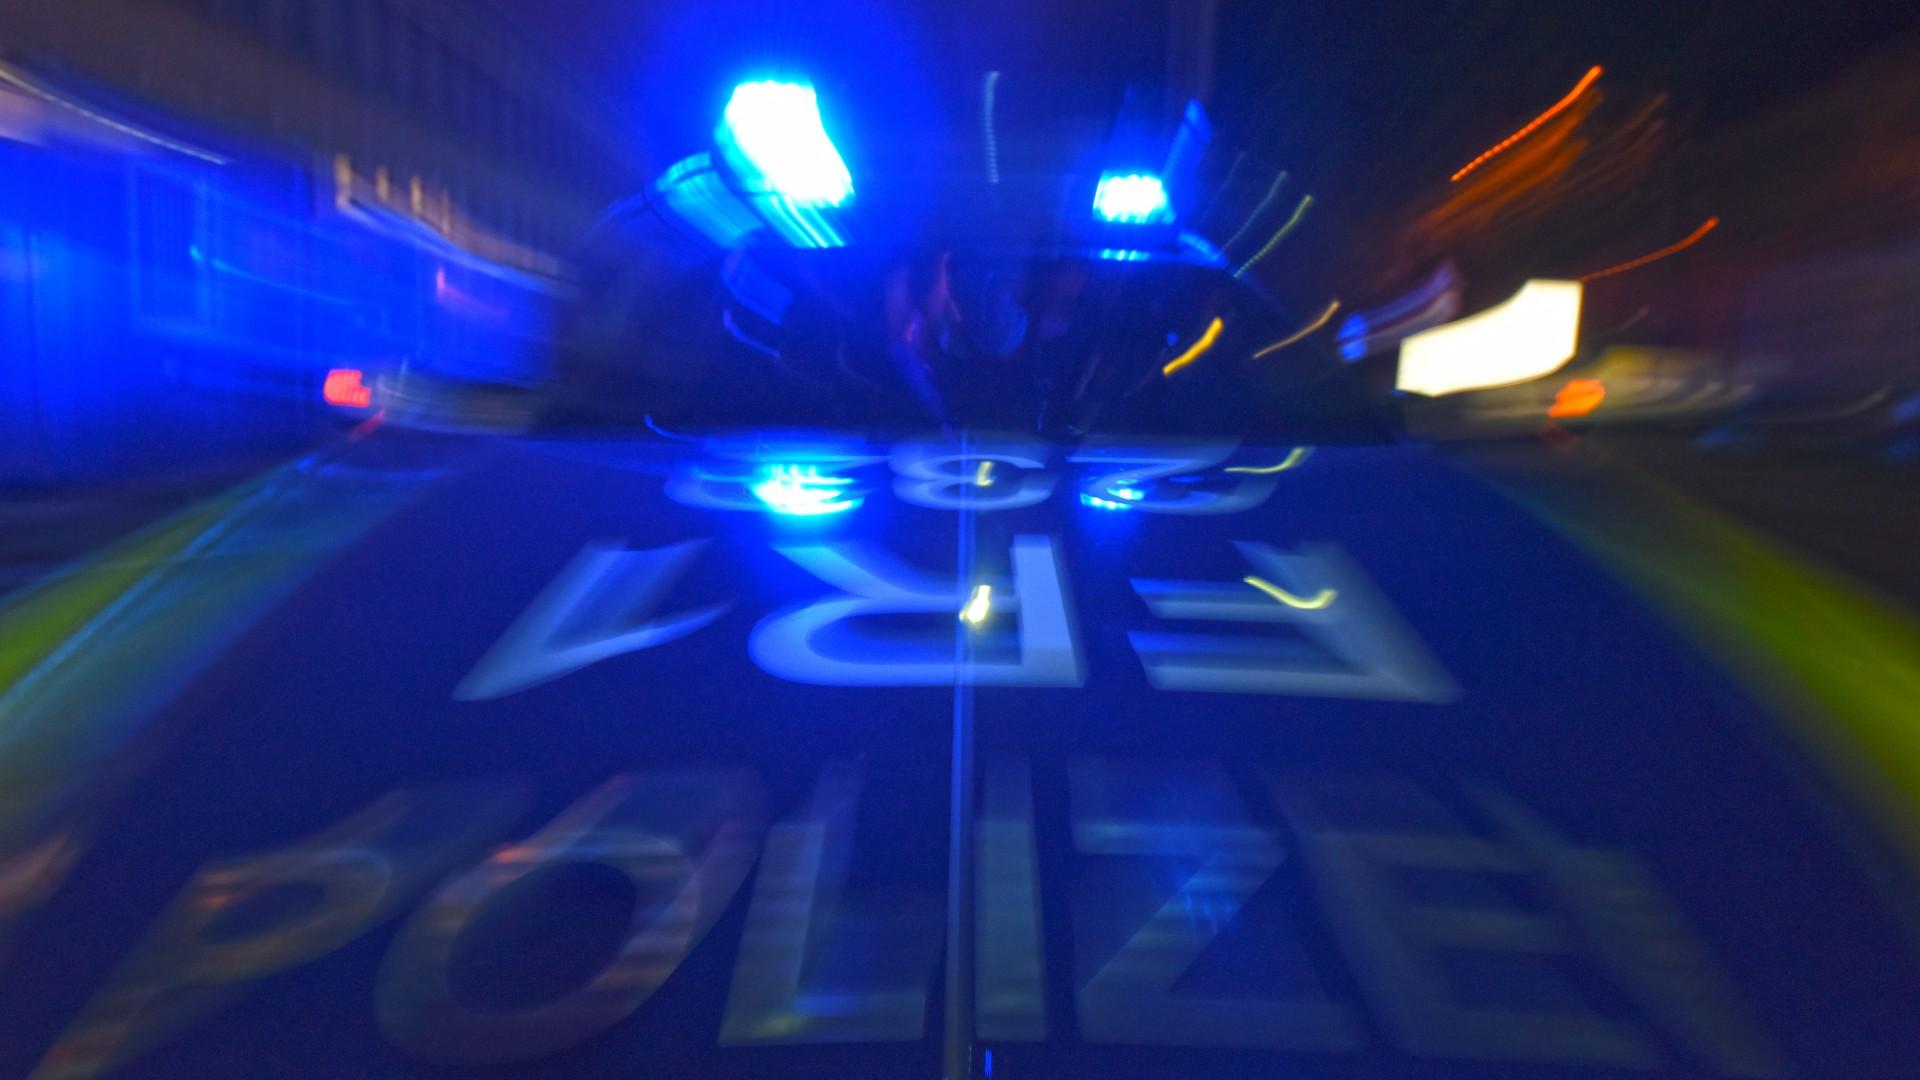 Vergewaltiger gefasst: Polizei sucht jetzt weitere Opfer